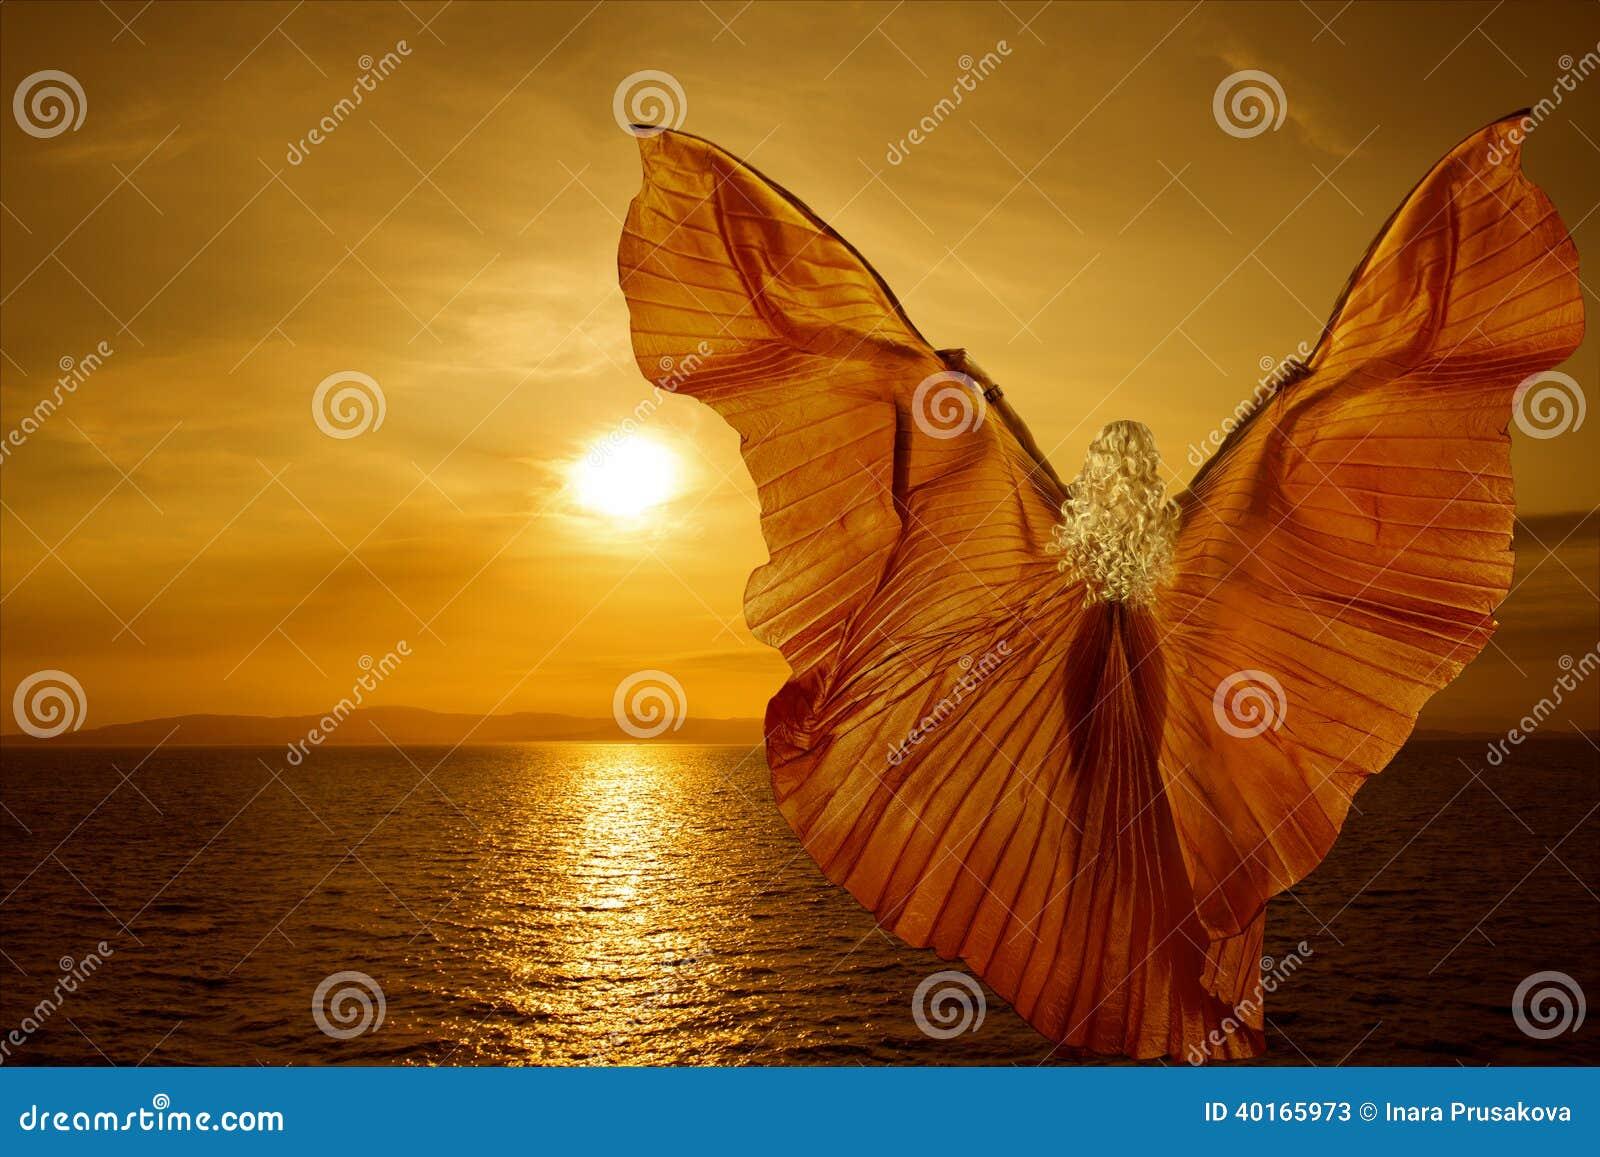 La mujer con la mariposa se va volando el vuelo en puesta del sol del mar de la fantasía